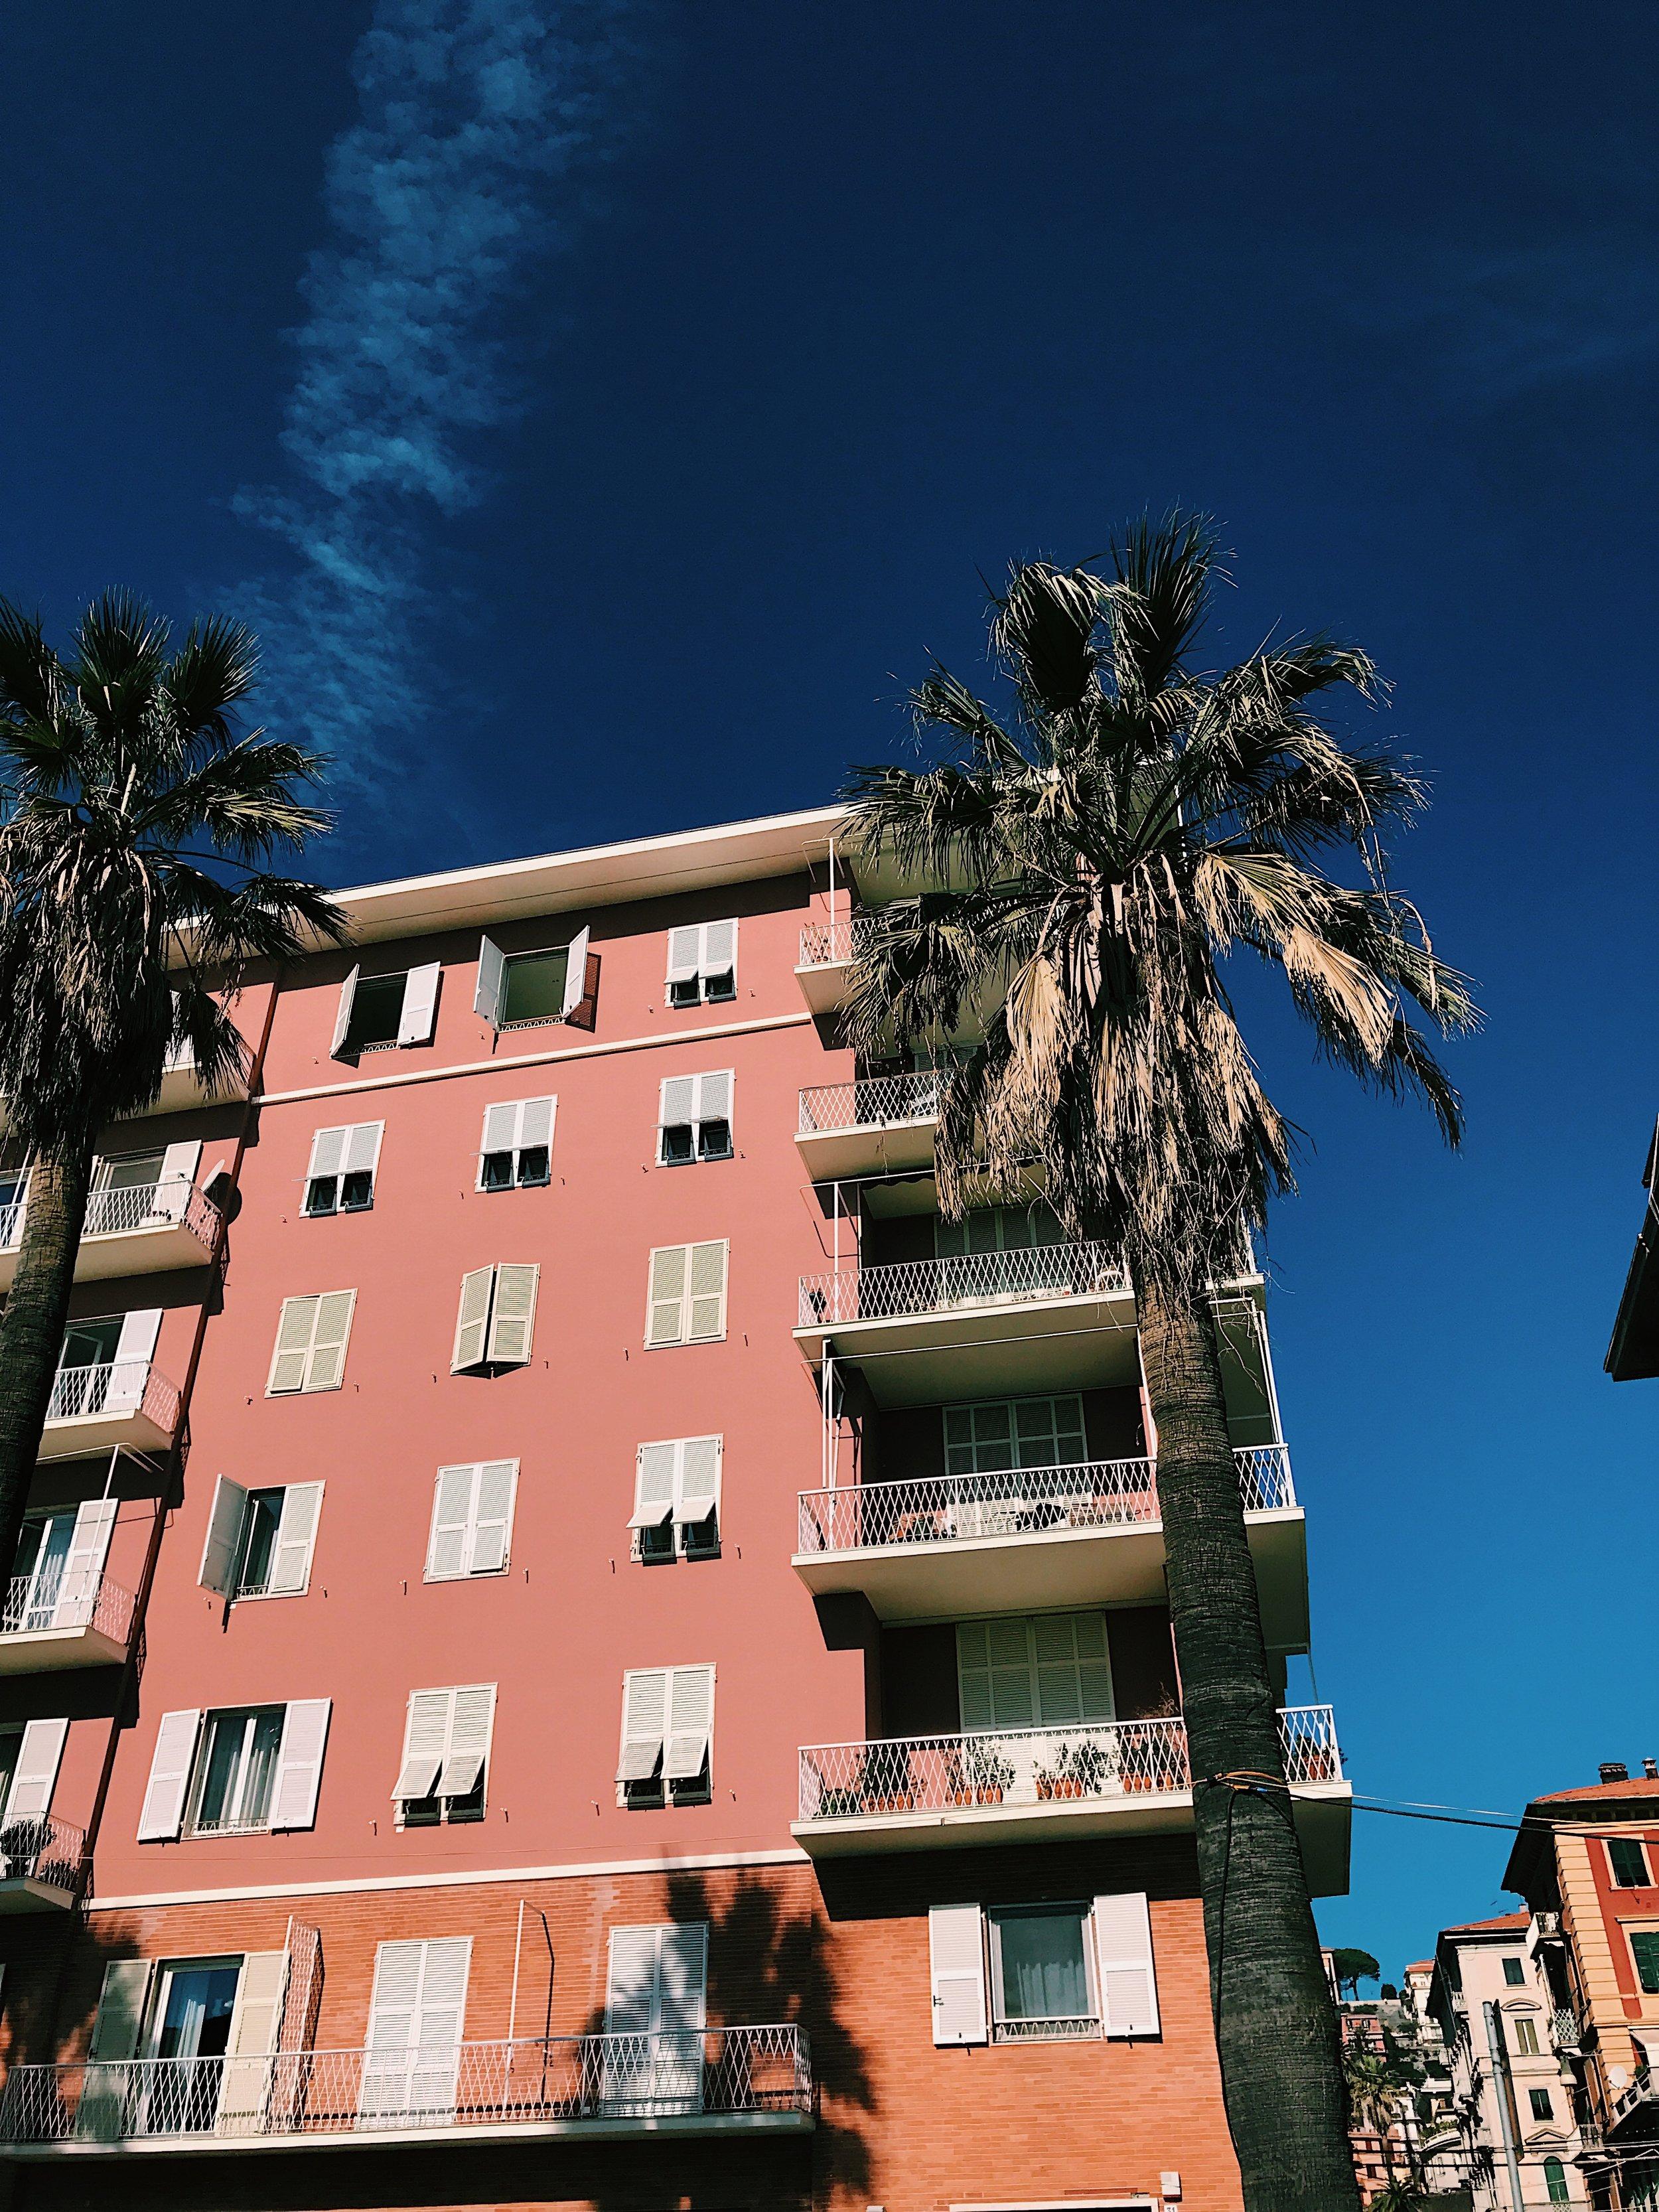 La Spezia, Italy.